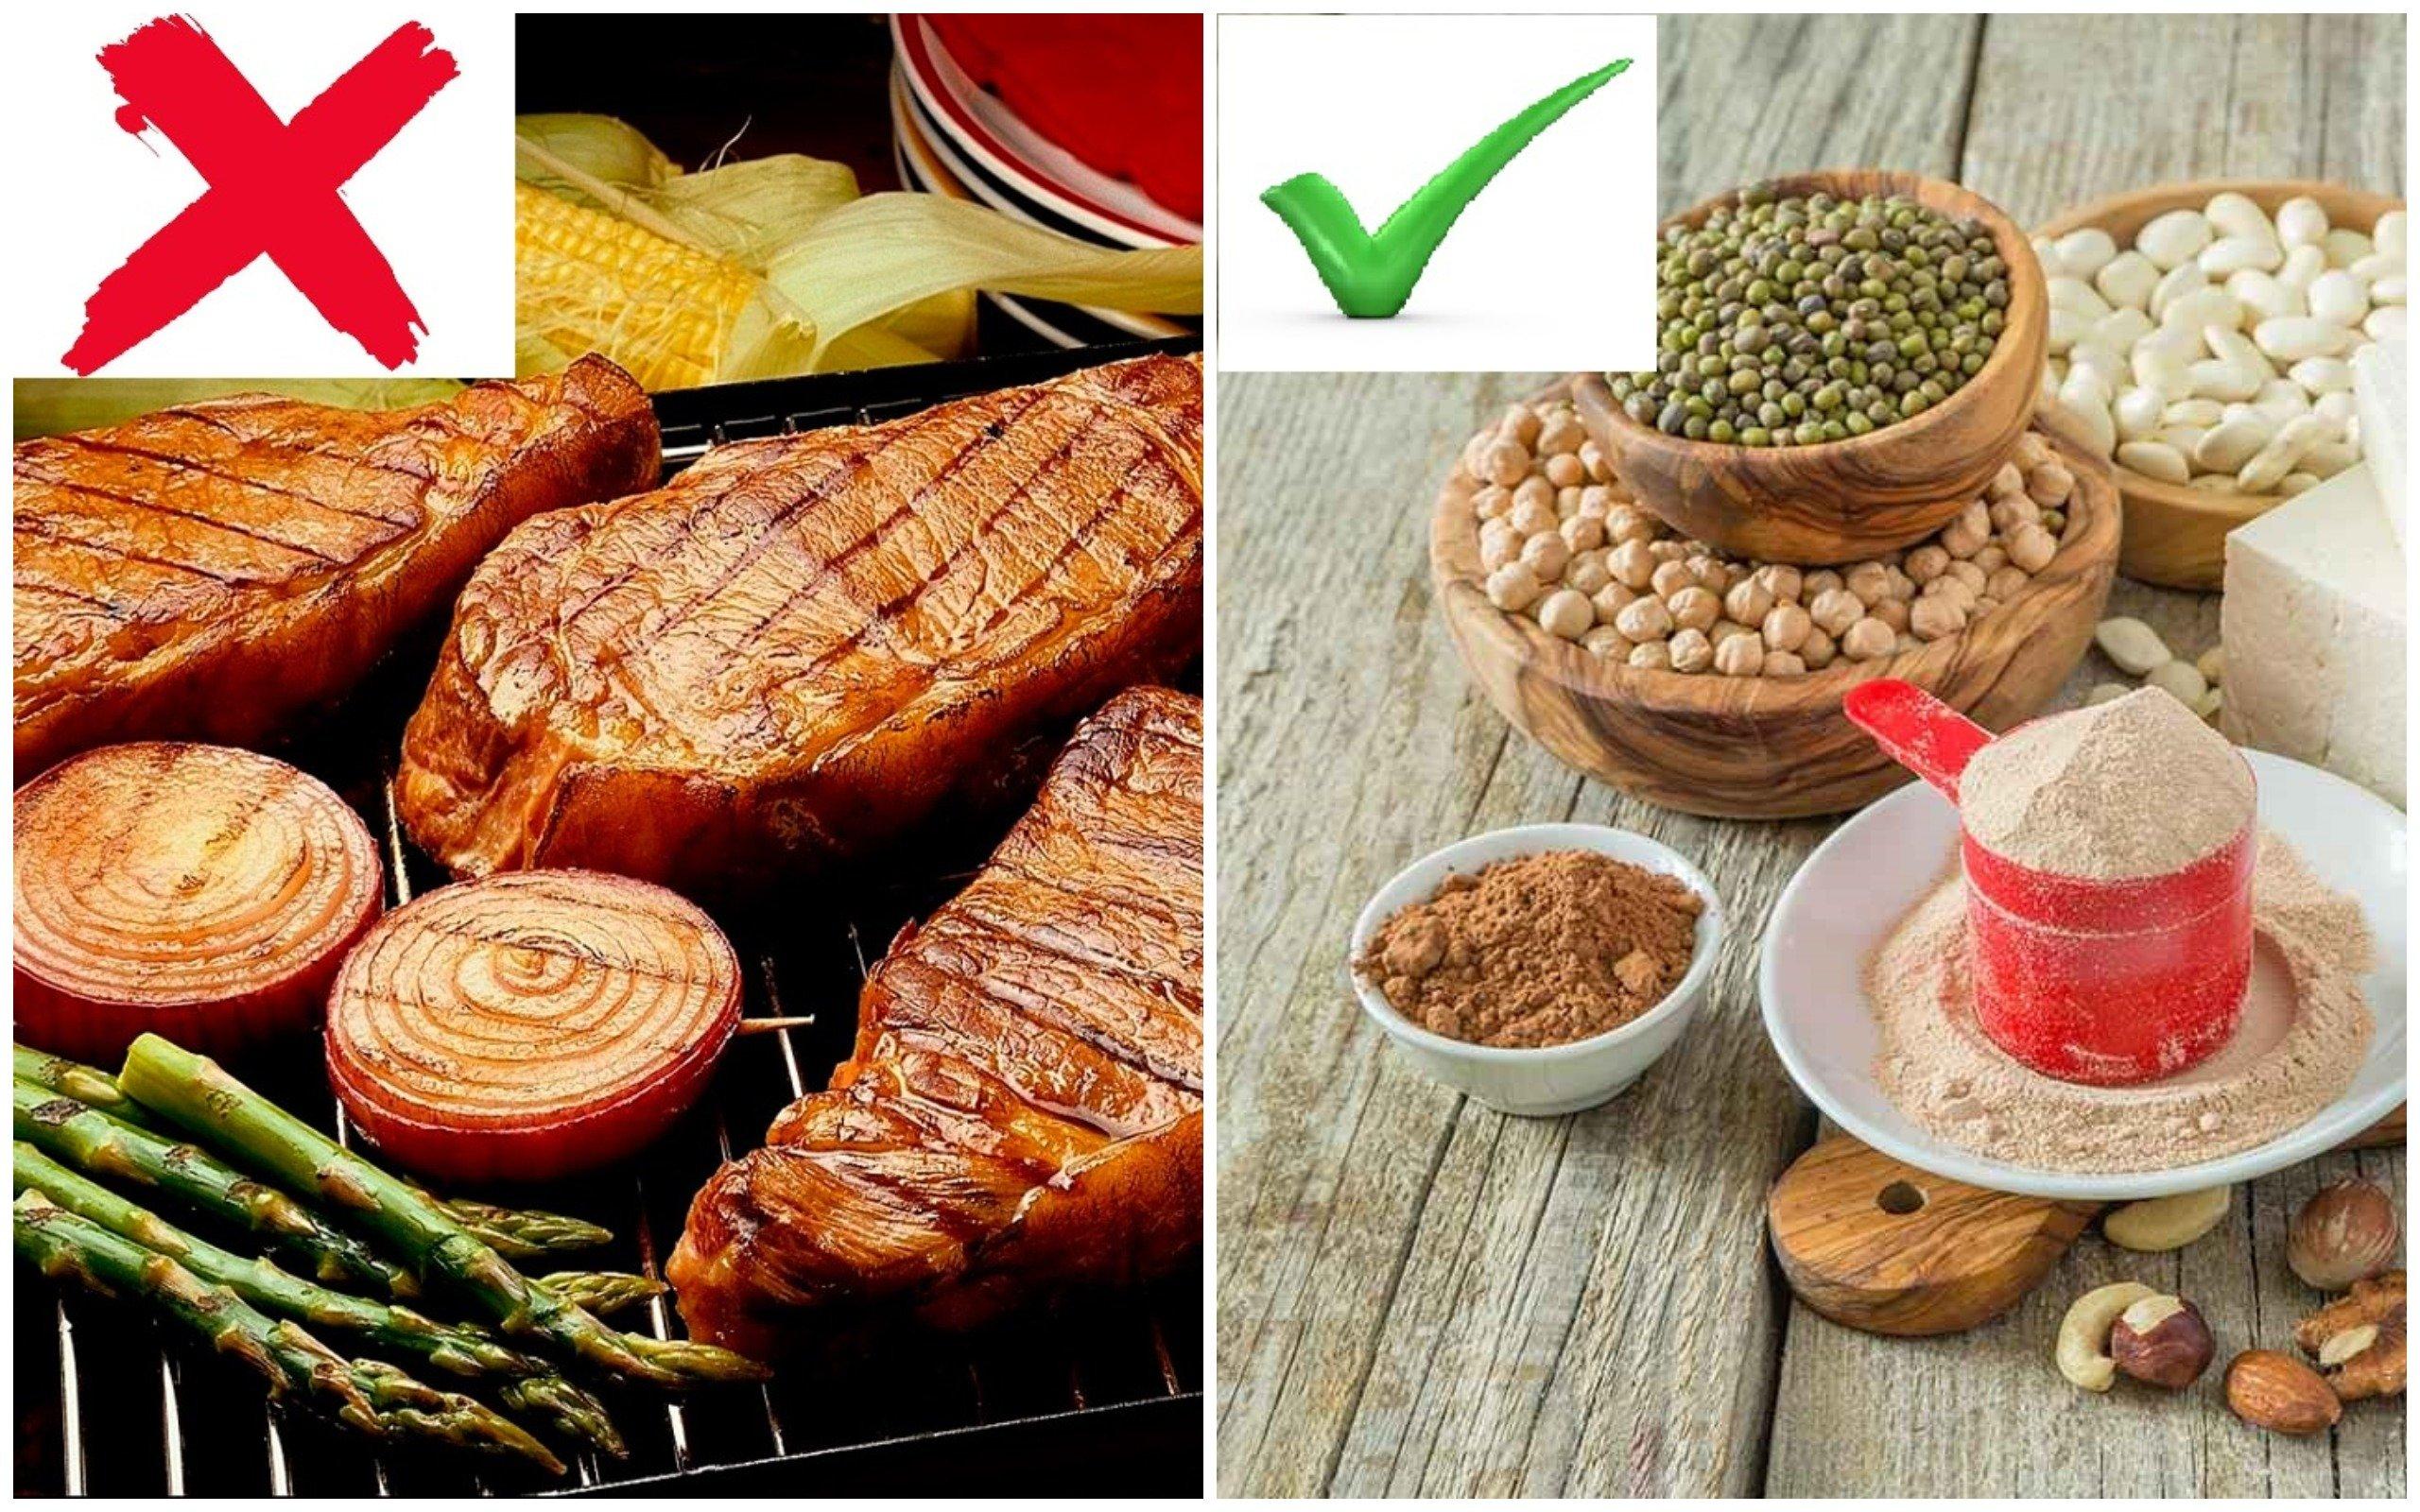 (RU) Натуральная замена мяса